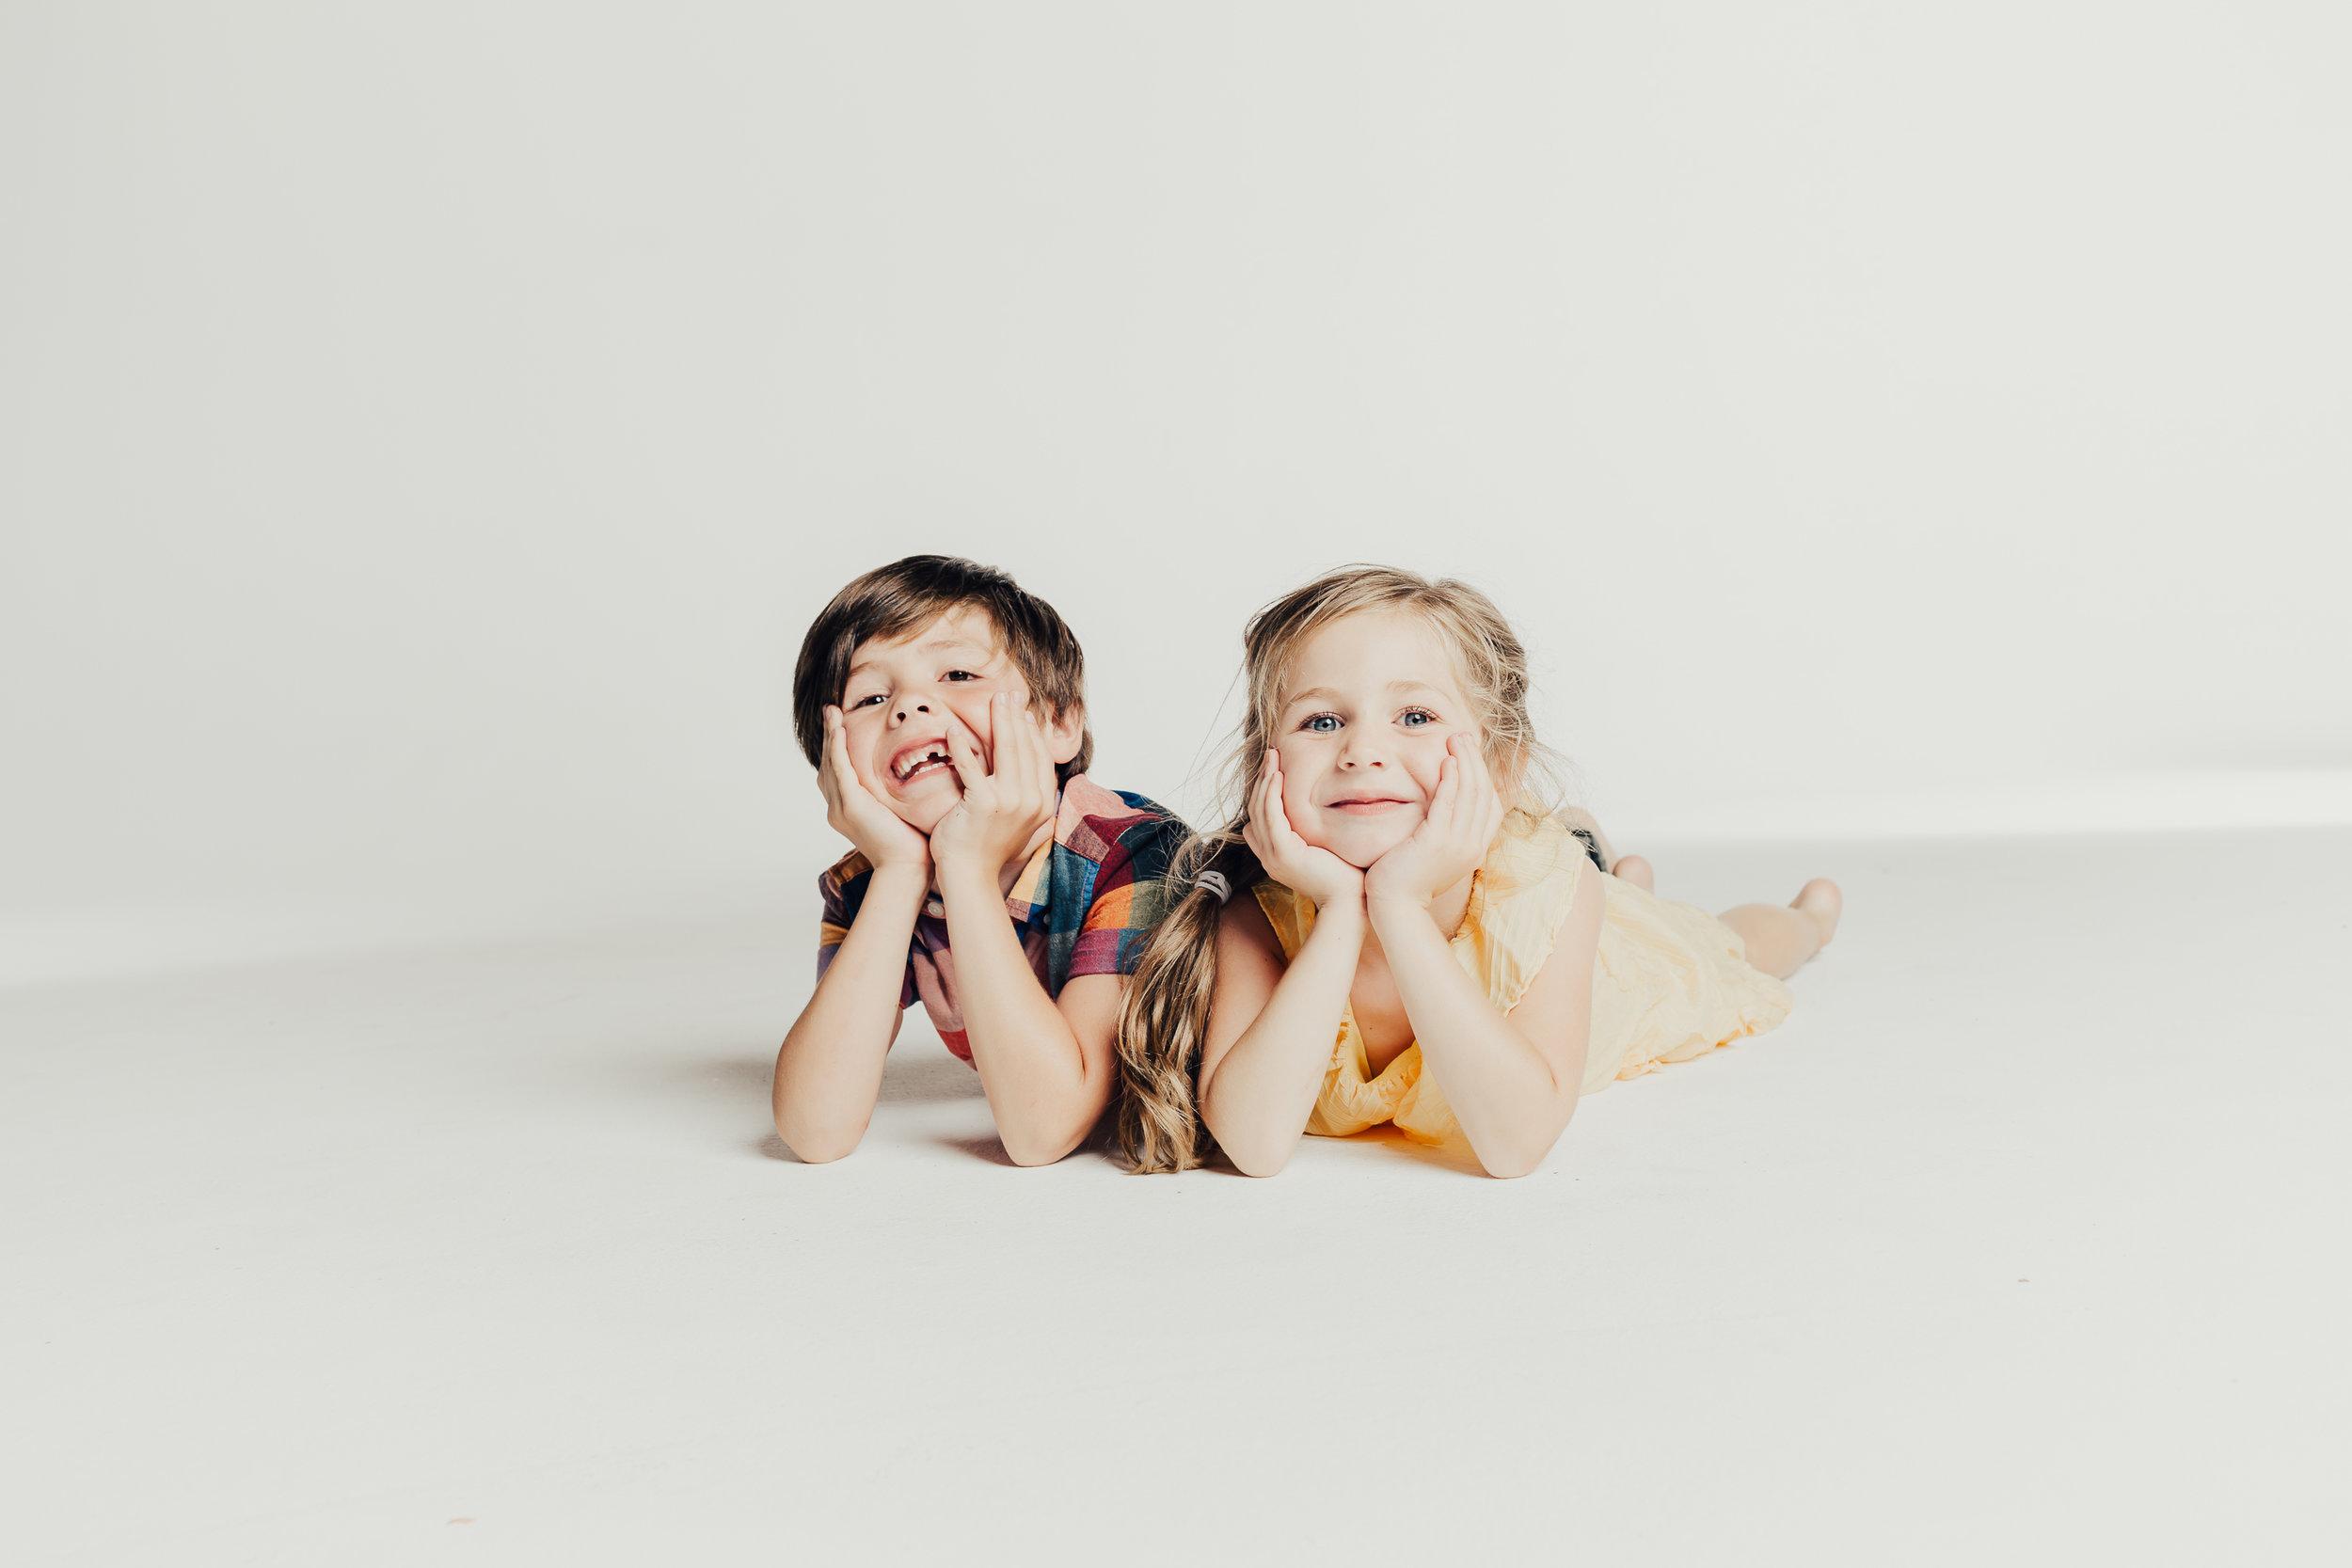 Gianna Keiko Atlanta Family Studio Portrait Photographer-42.jpg